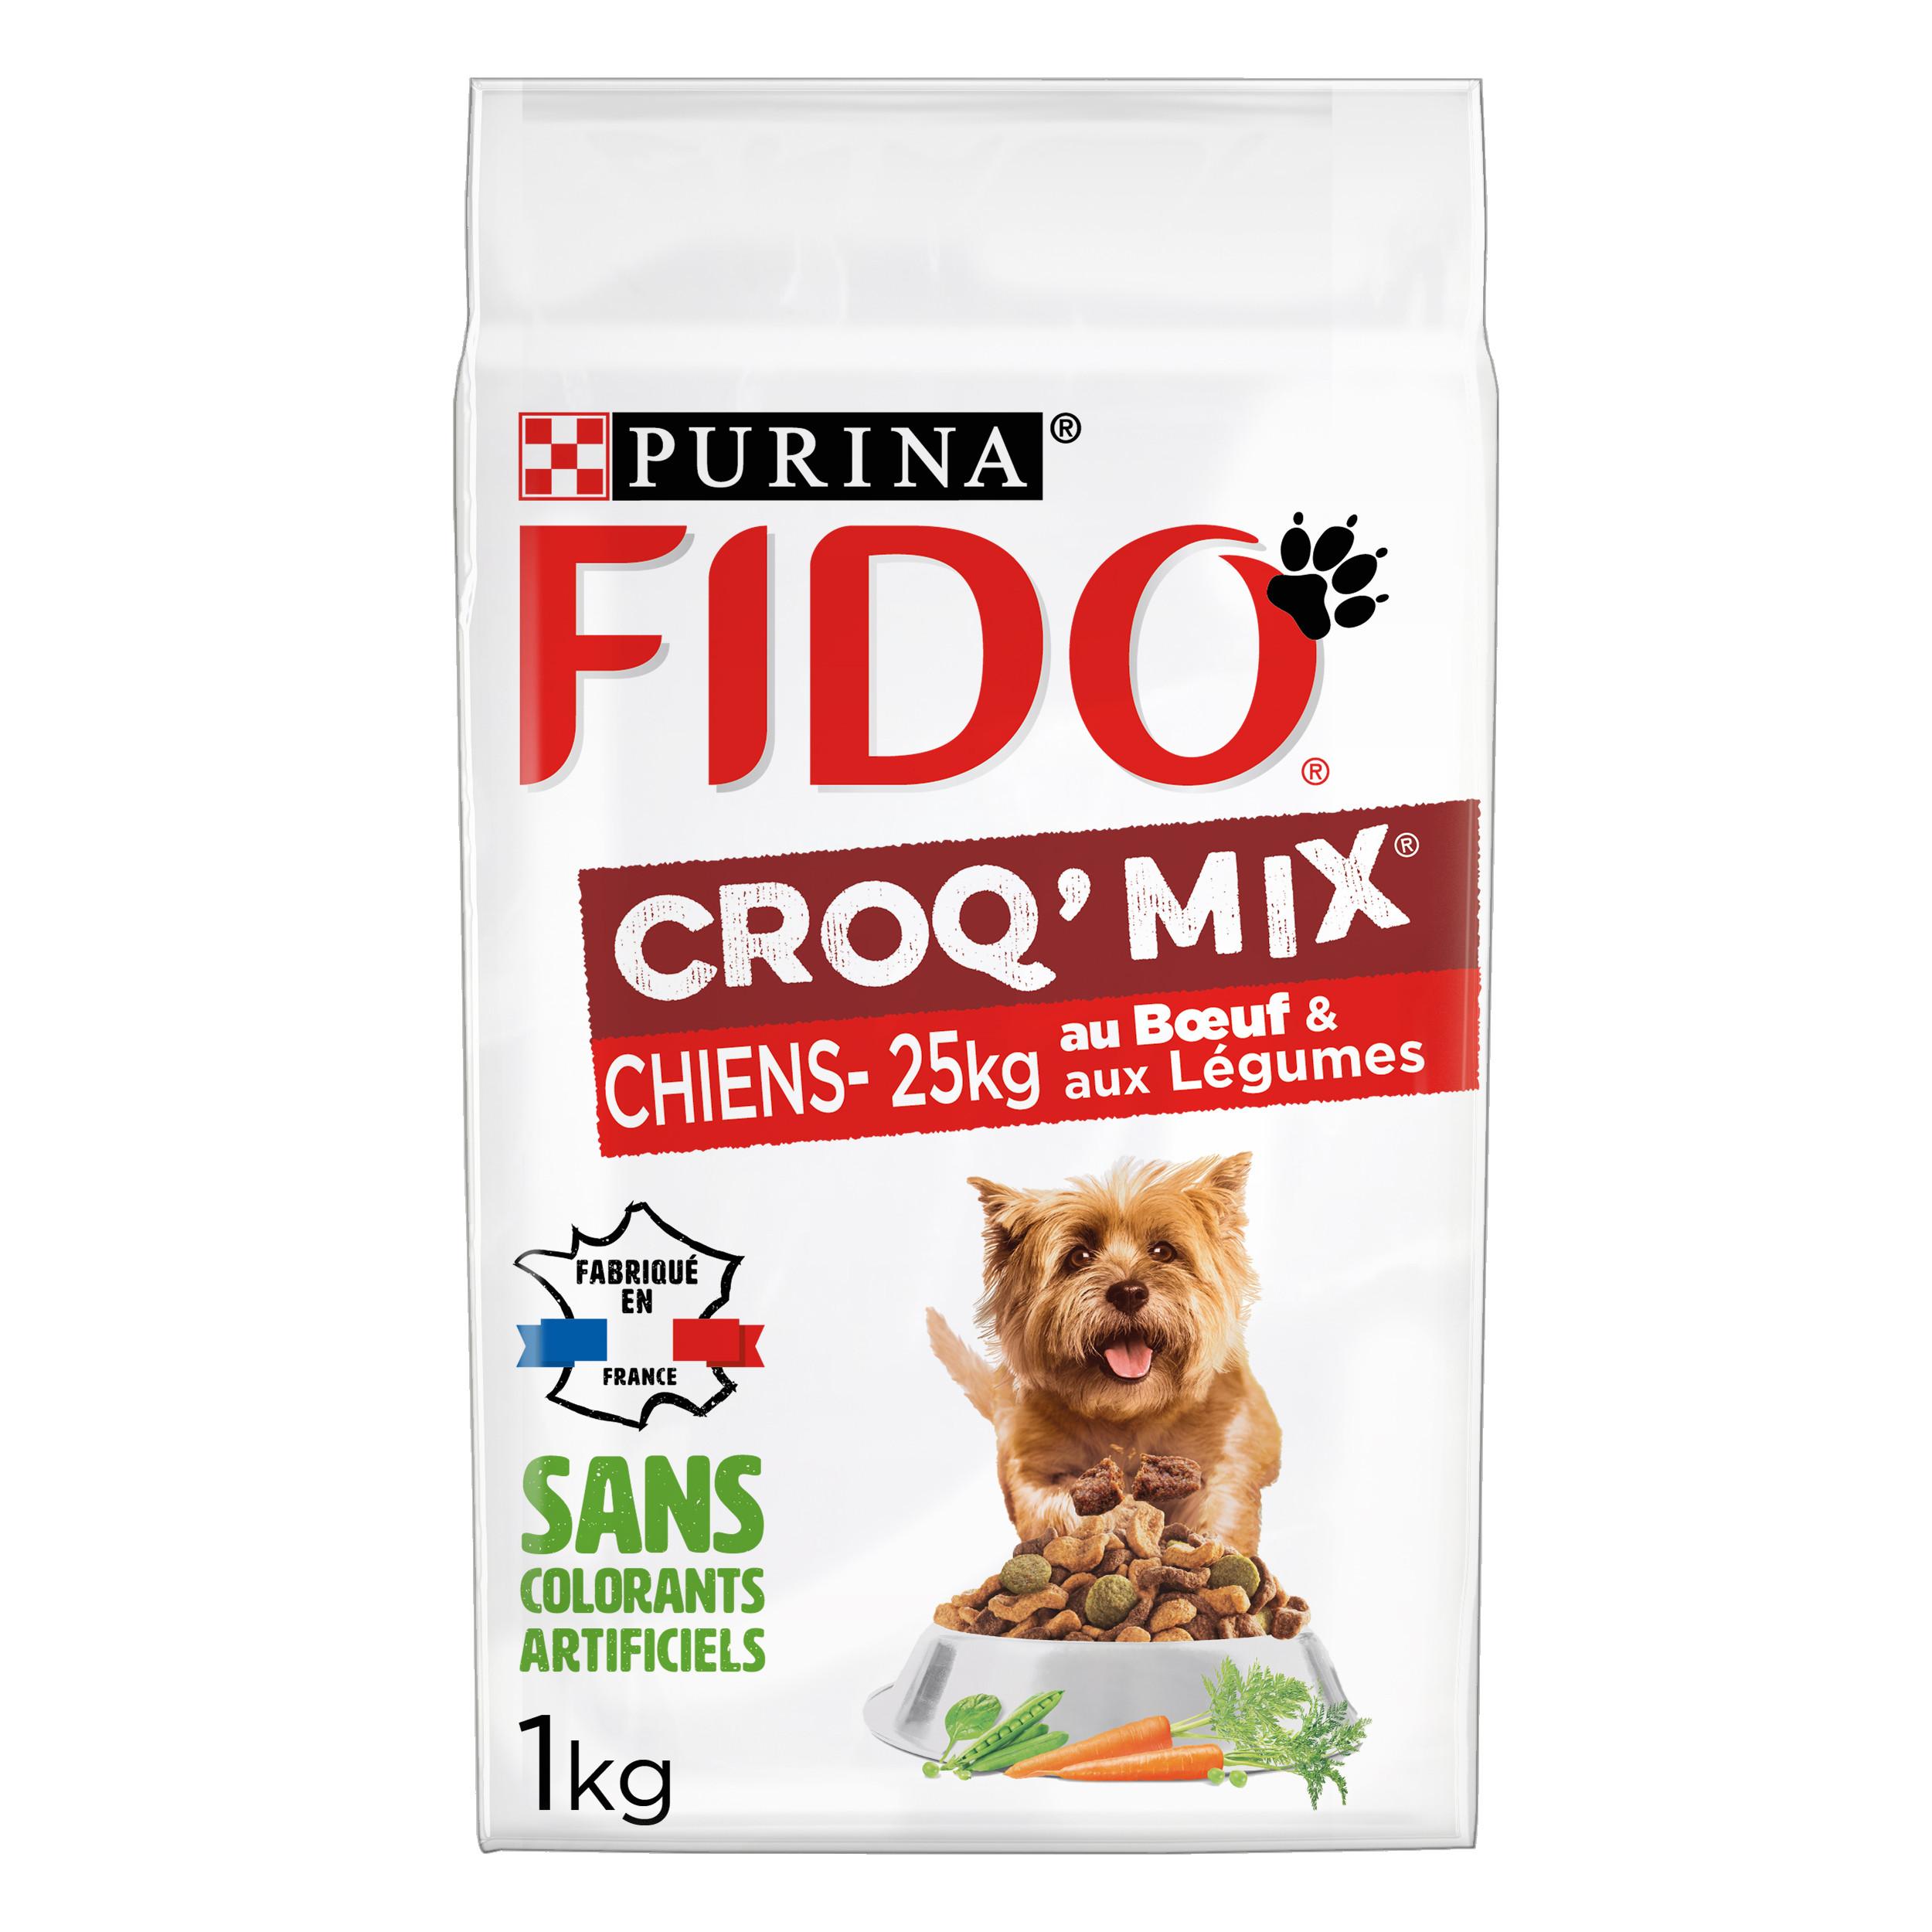 FIDO® CROQ' MIX® Pour Chiens de moins de 25Kg Au Bœuf & aux Légumes